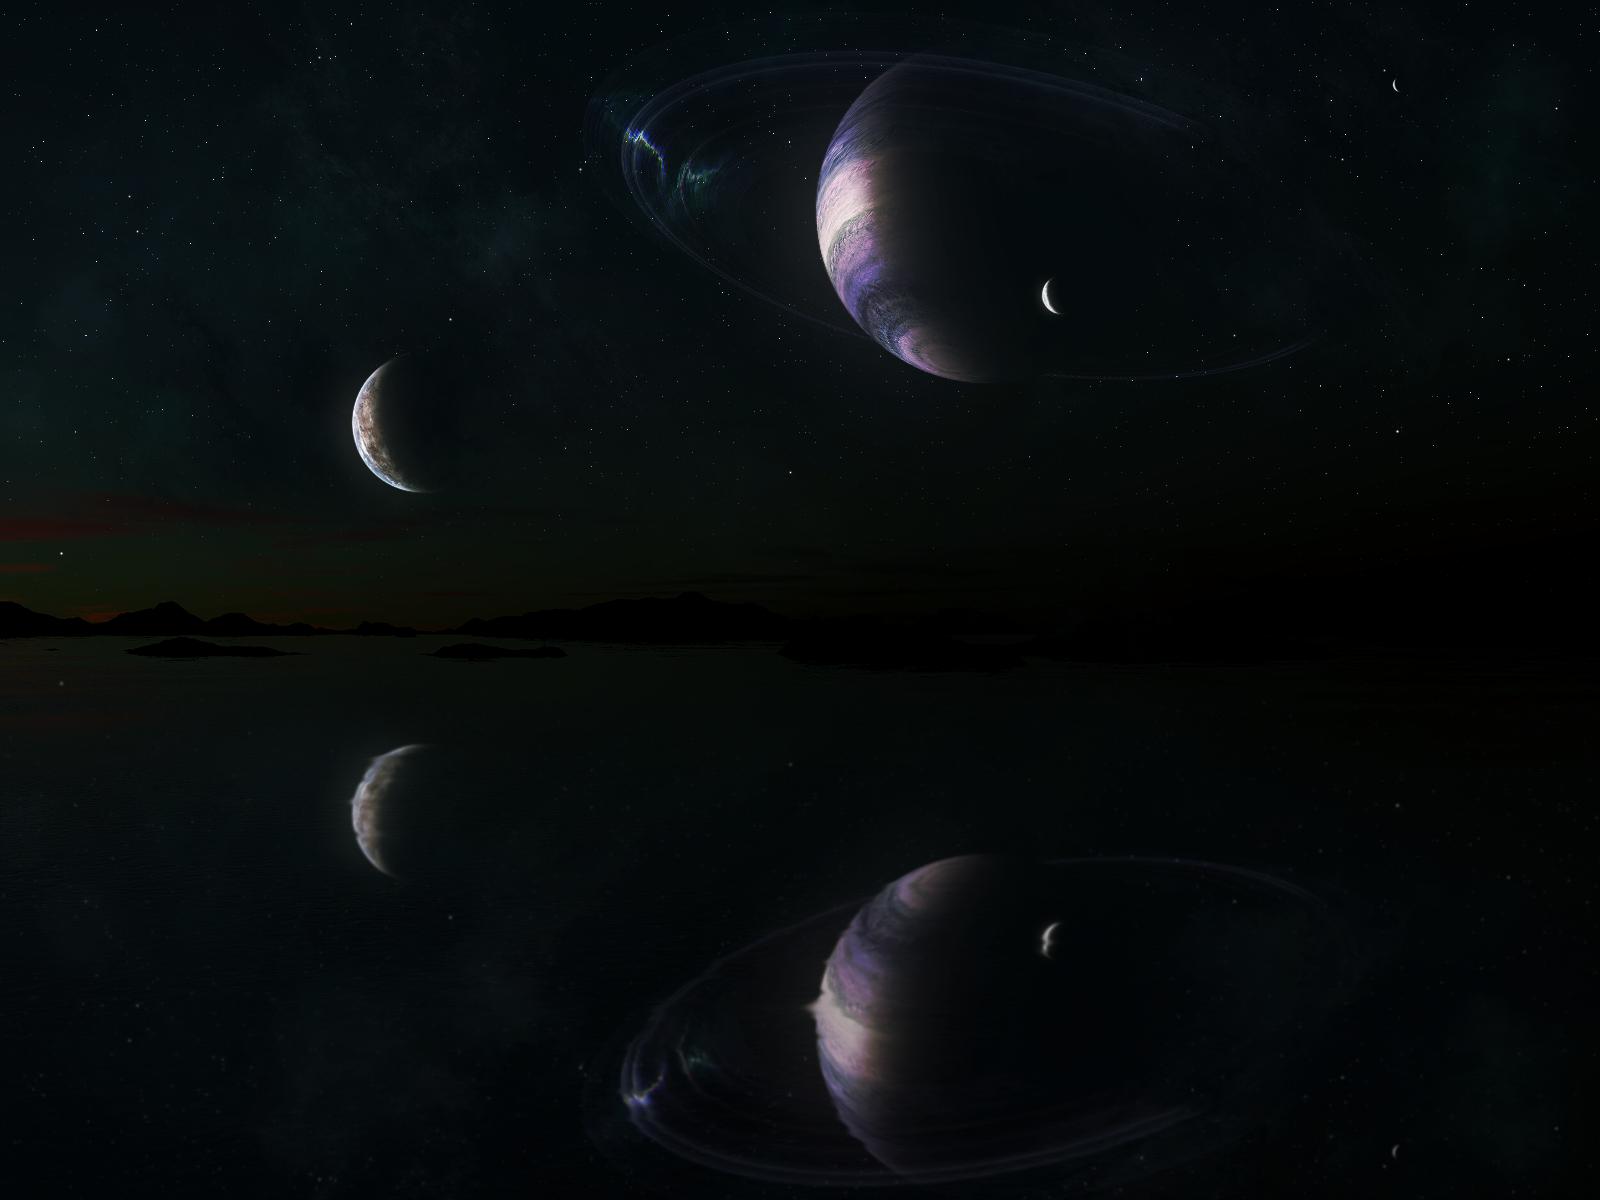 Sunset: Epsilon Eridani B-8 by arisechicken117